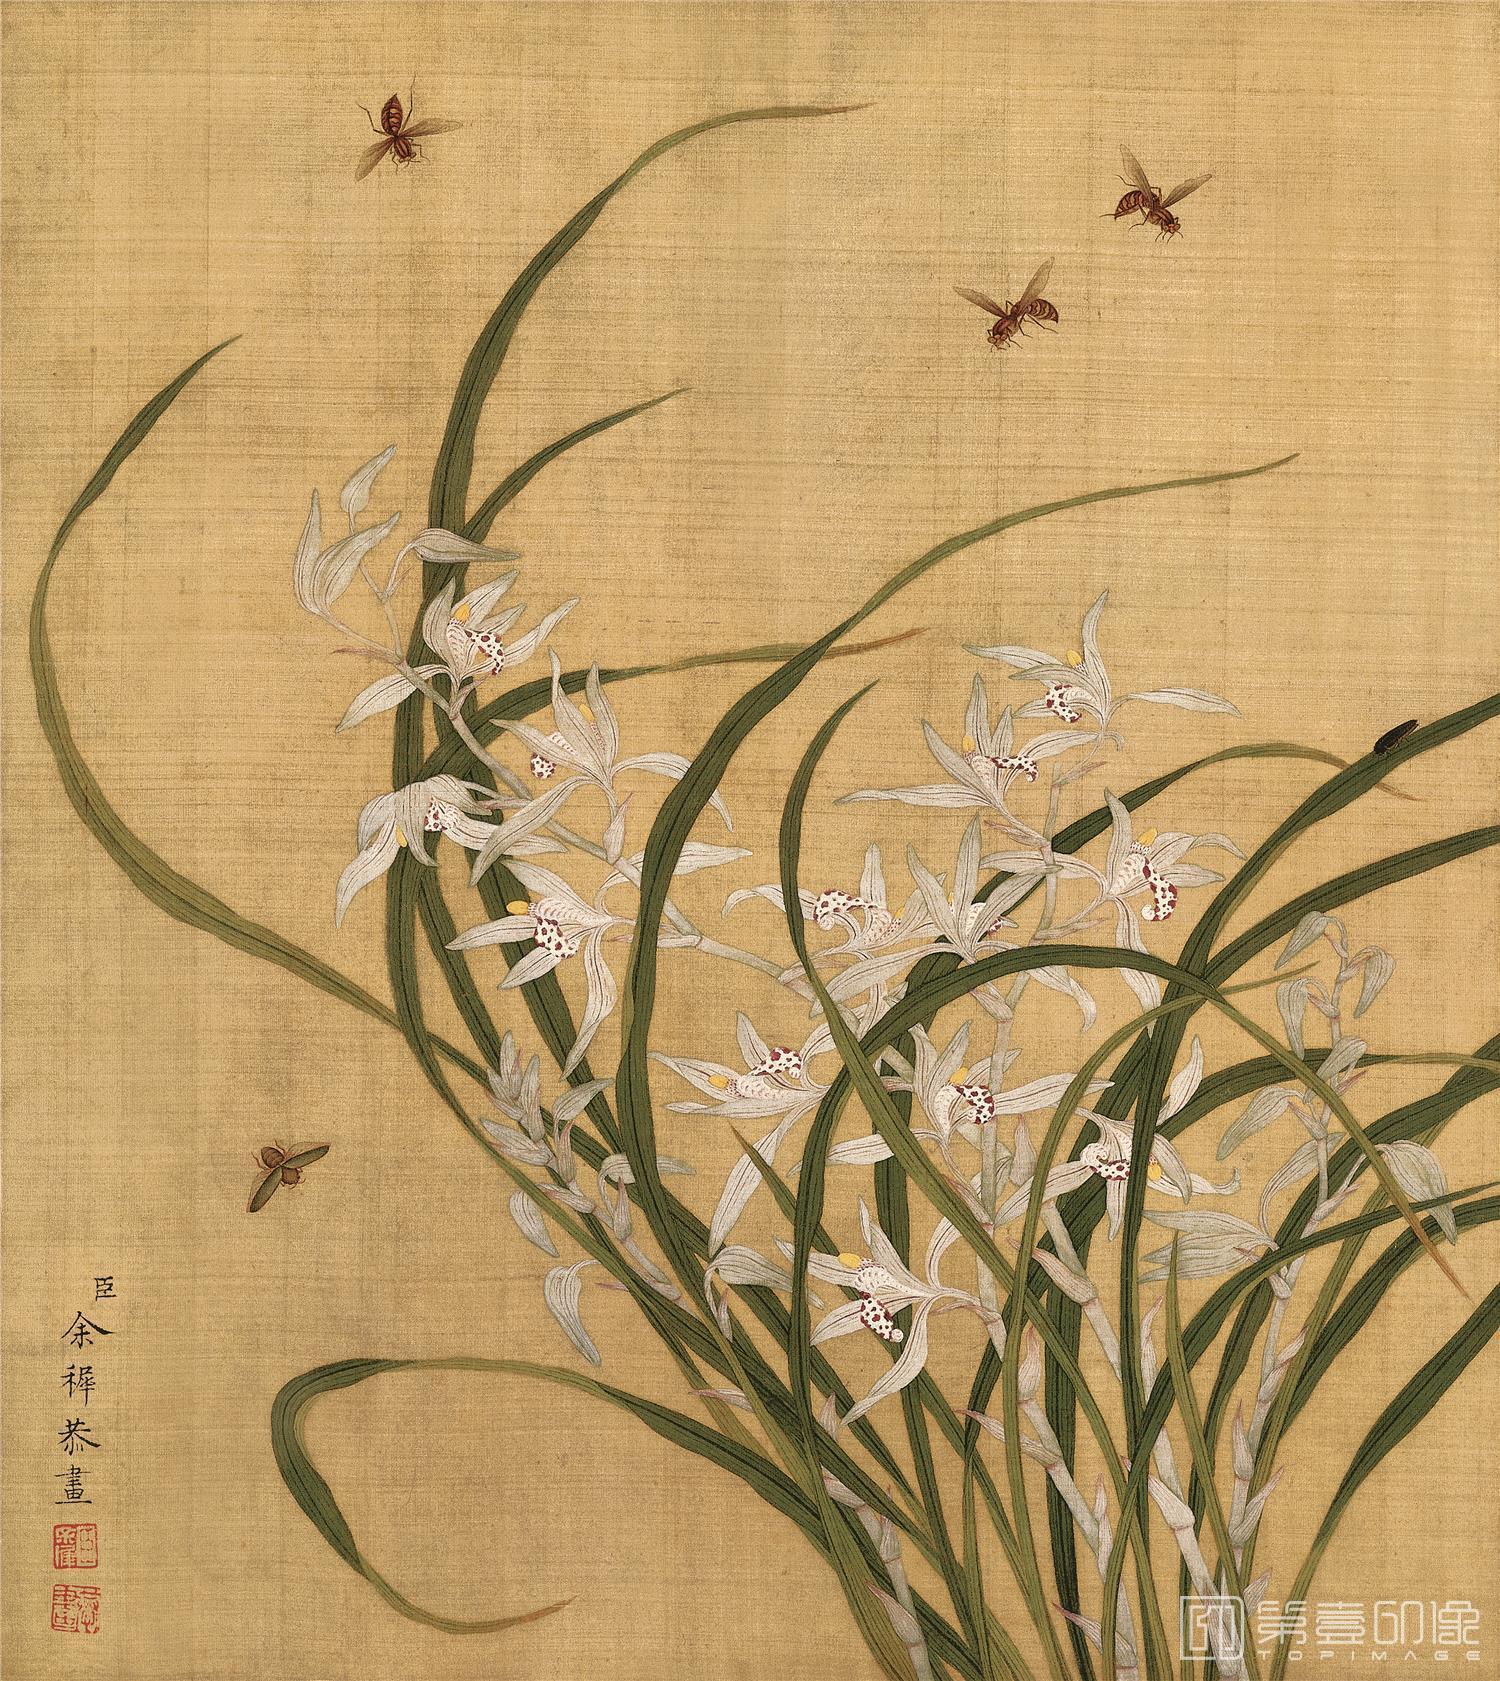 国画-国画-清-余稚-花鸟册-绢本-003-33x37cm